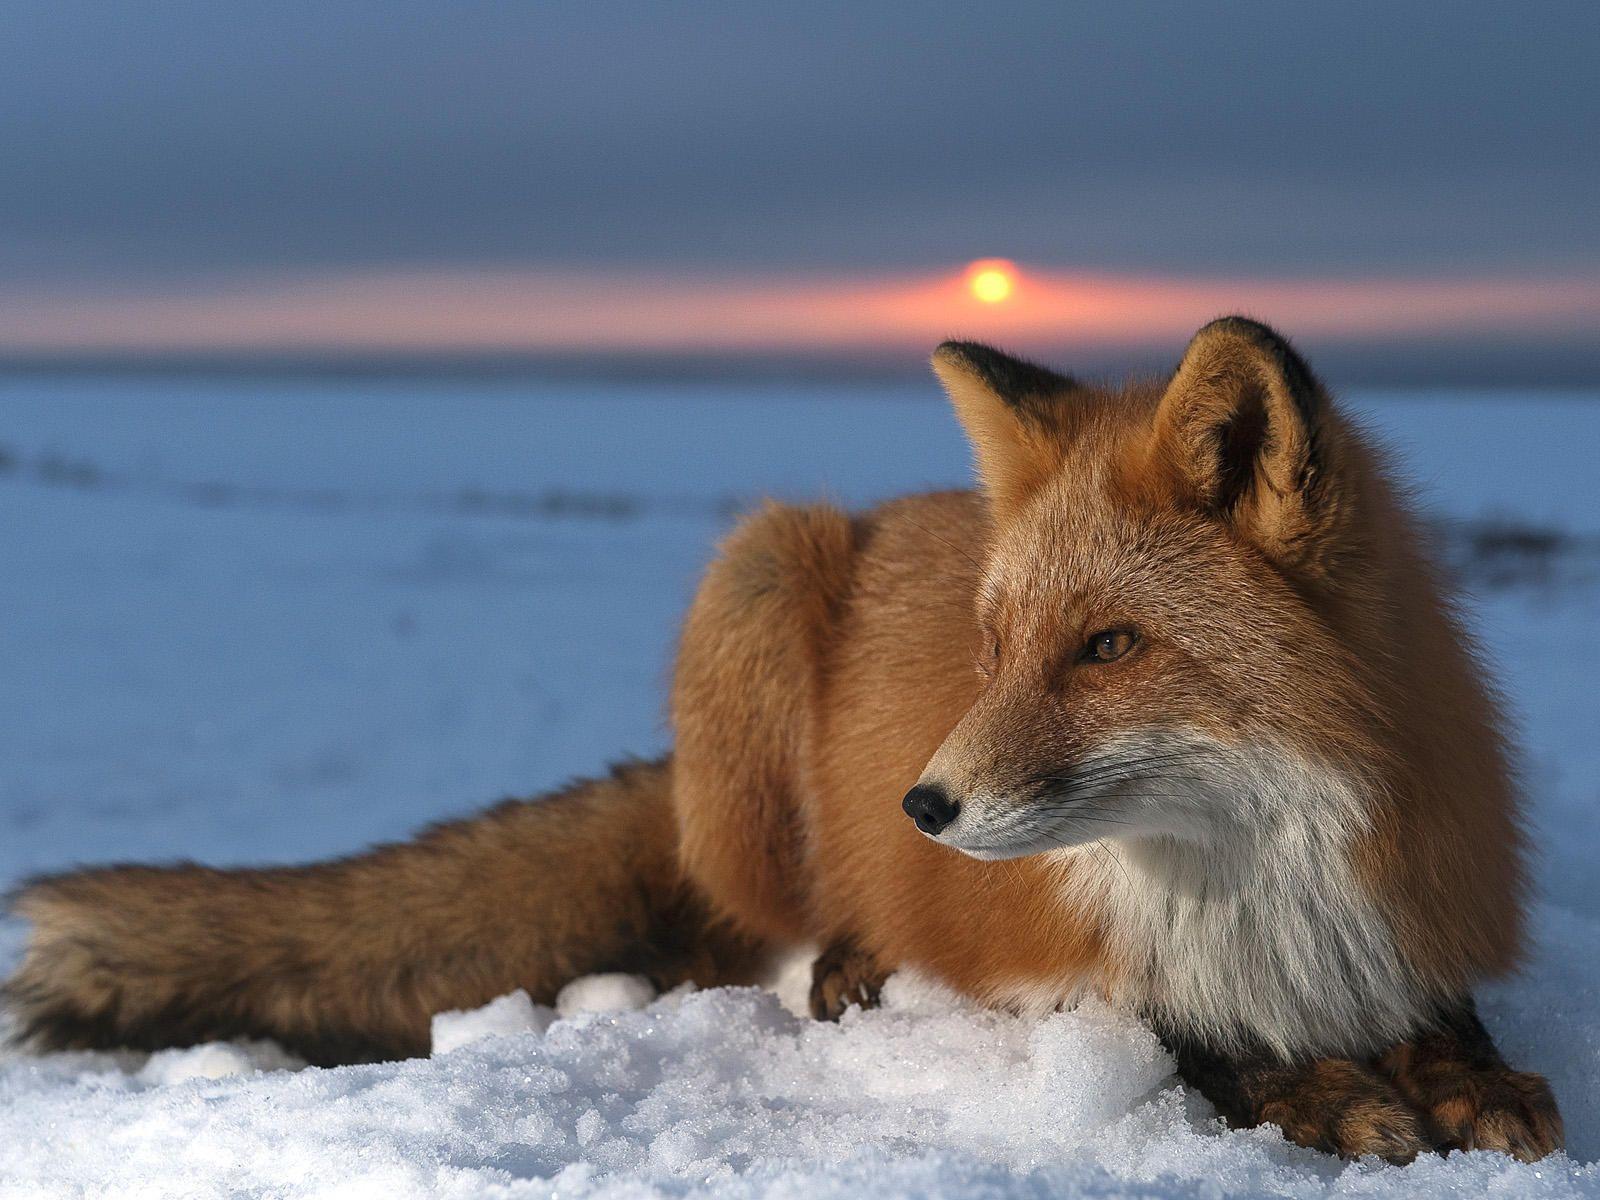 red fox sunset wallpaper 72004